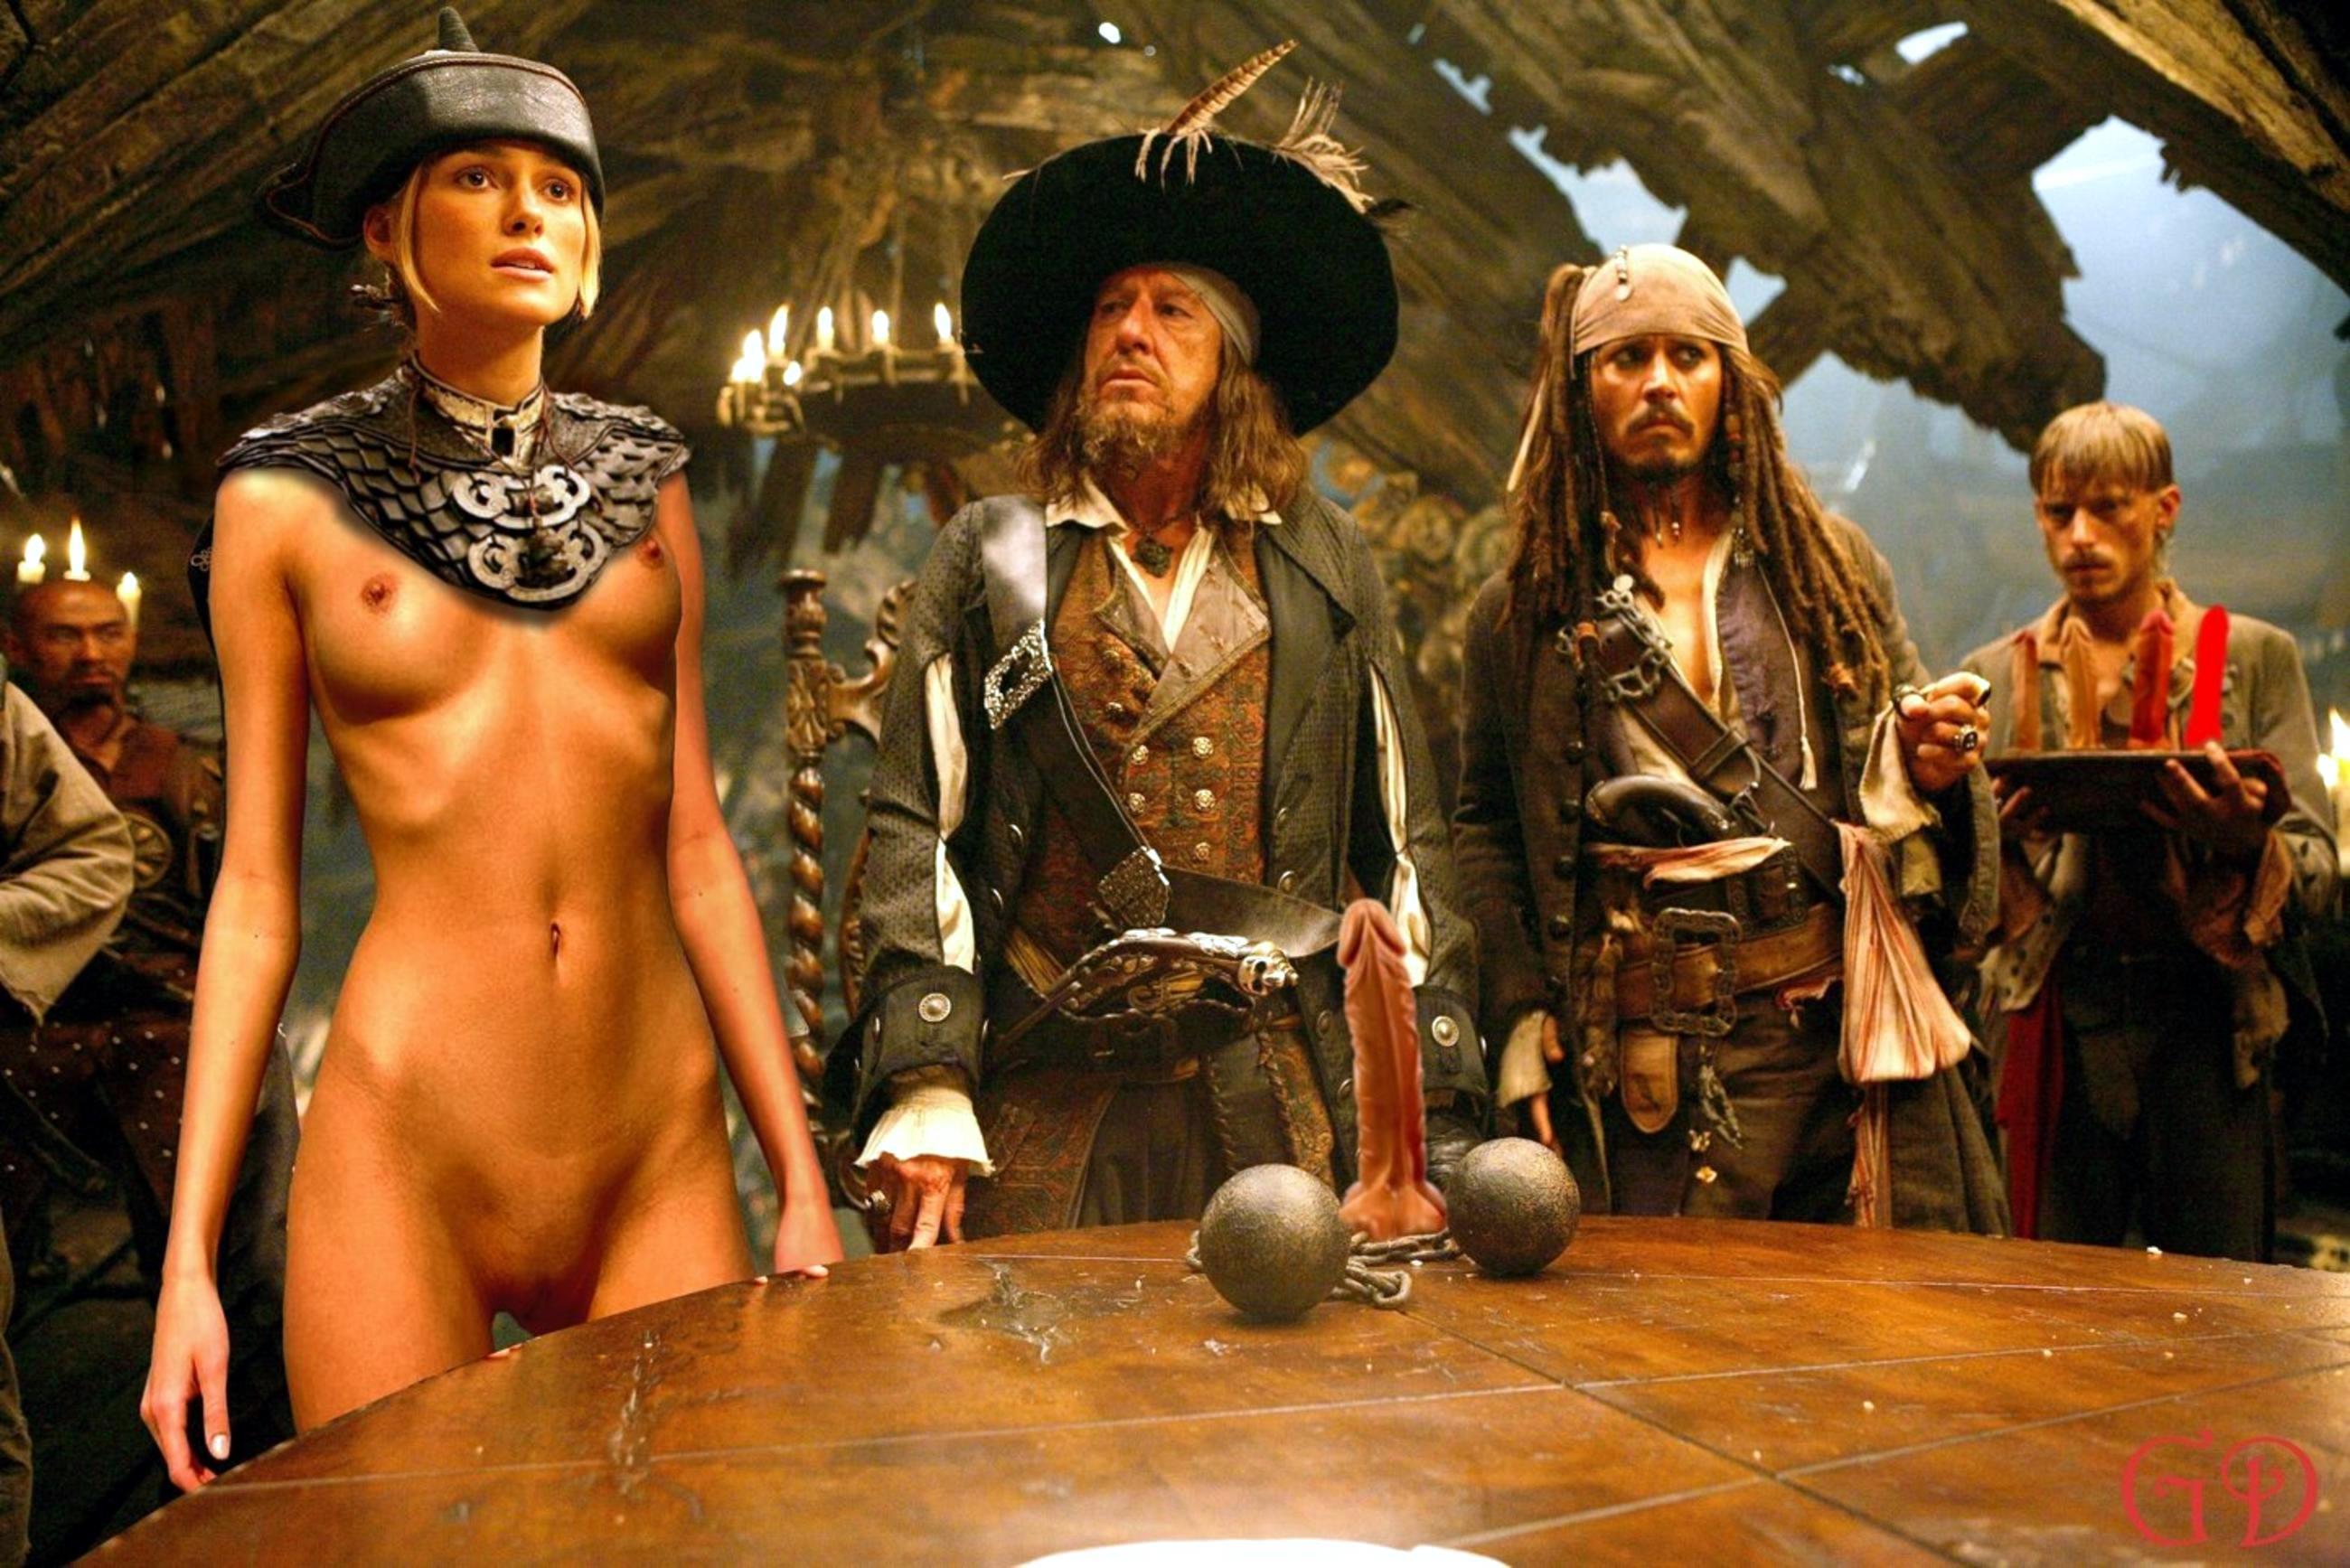 Порно фильм пираты карипского моря смотреть онлайн